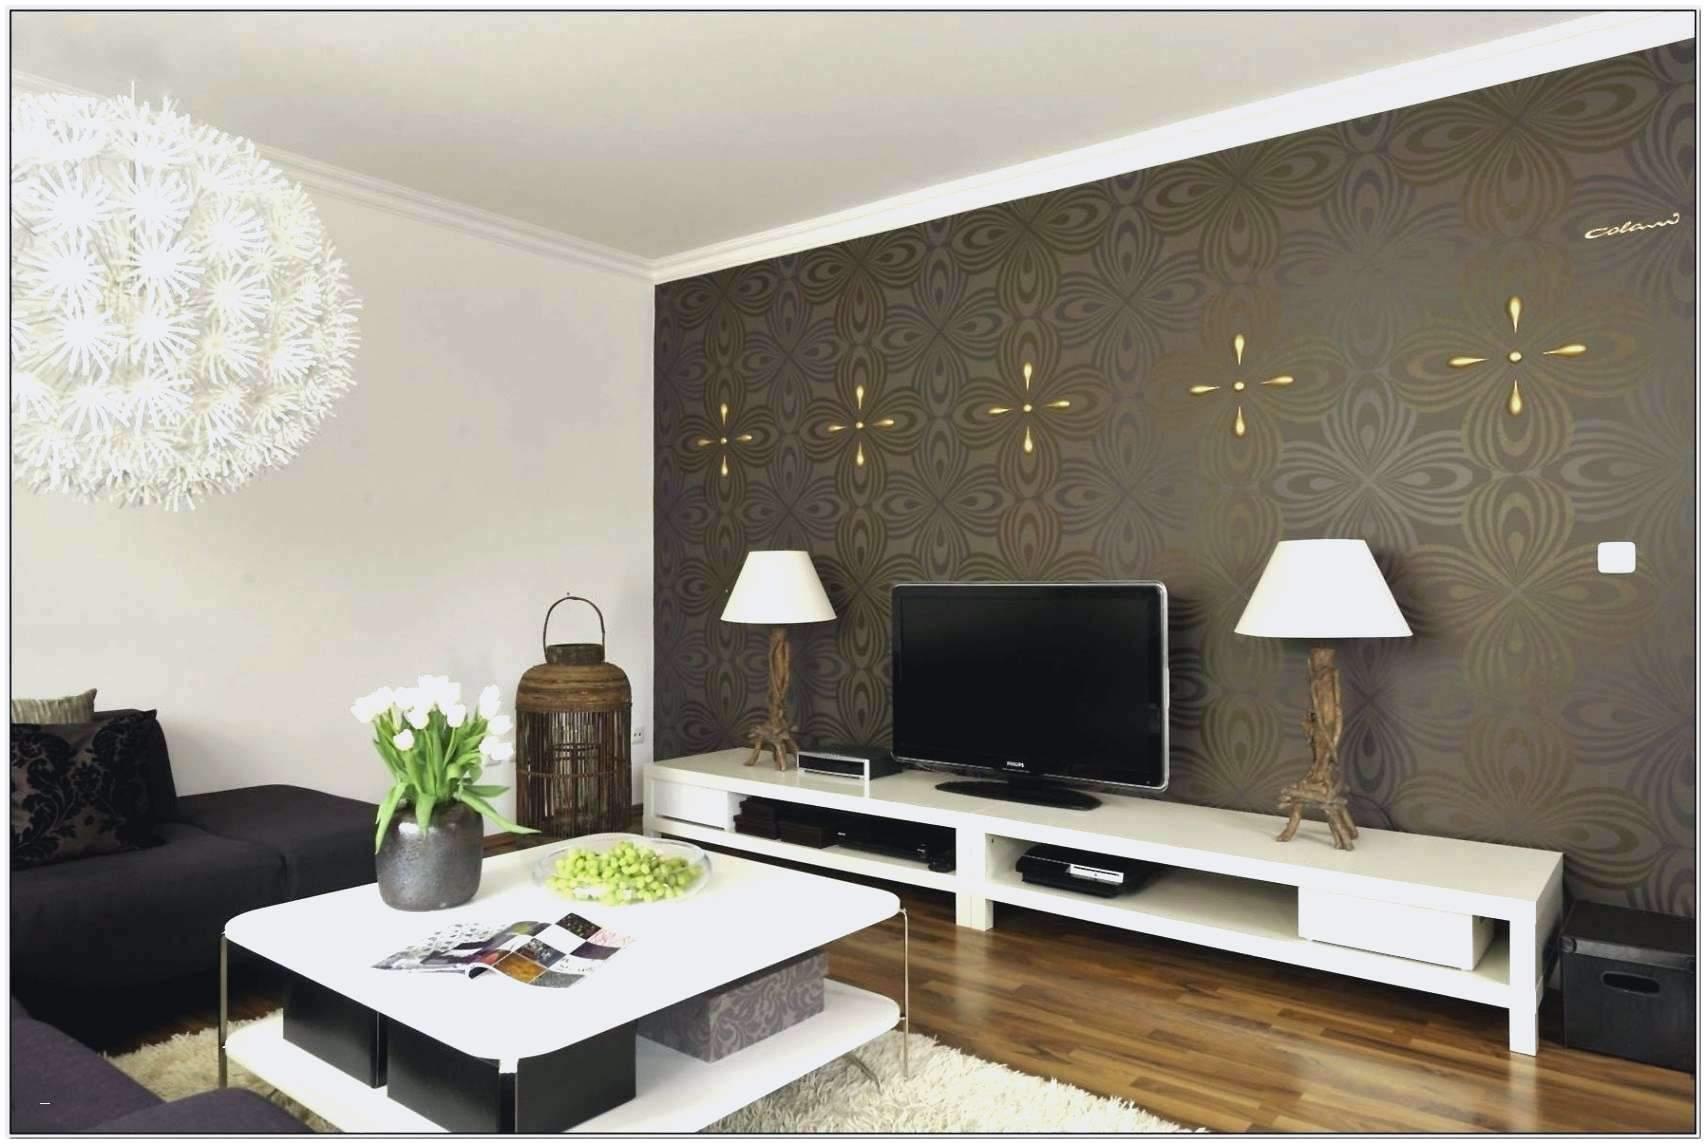 Full Size of Ikea Lampen Wohnzimmer Einzigartig Impressionnant Sofa Mit Schlaffunktion Miniküche Küche Kosten Modulküche Betten Bei Kaufen 160x200 Wohnzimmer Wohnzimmerlampen Ikea